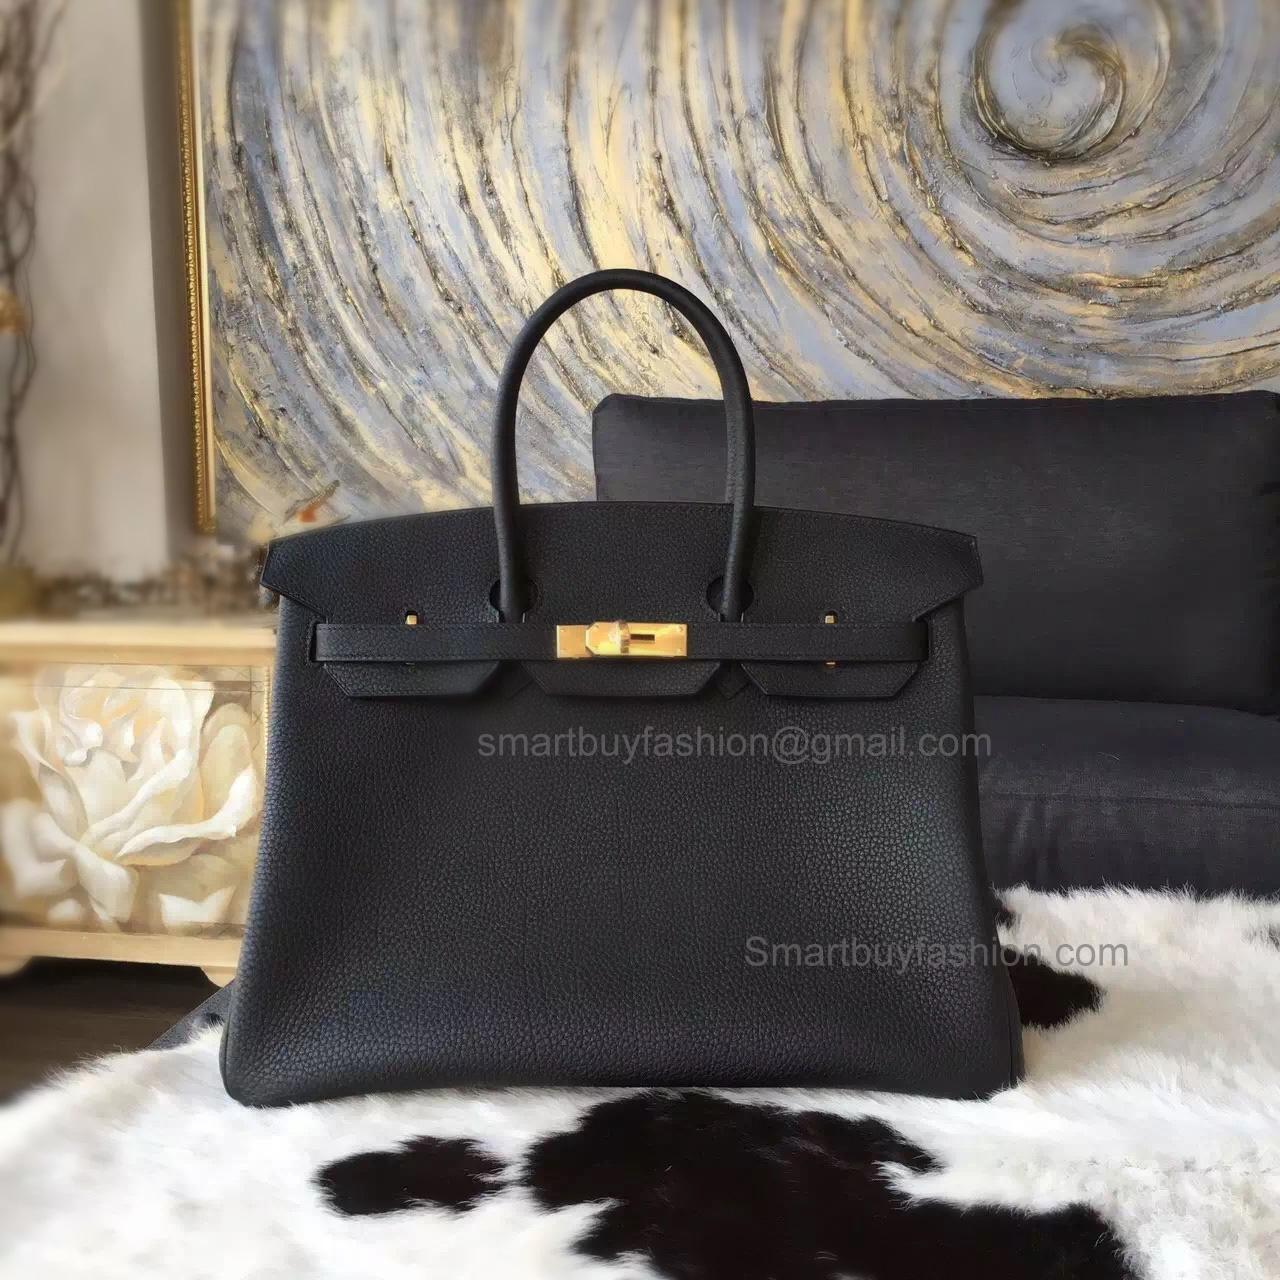 0884af1a819 Hand Stitched Hermes Birkin 35 Bag in Bicolored ck89 Noir Togo Calfskin GHW